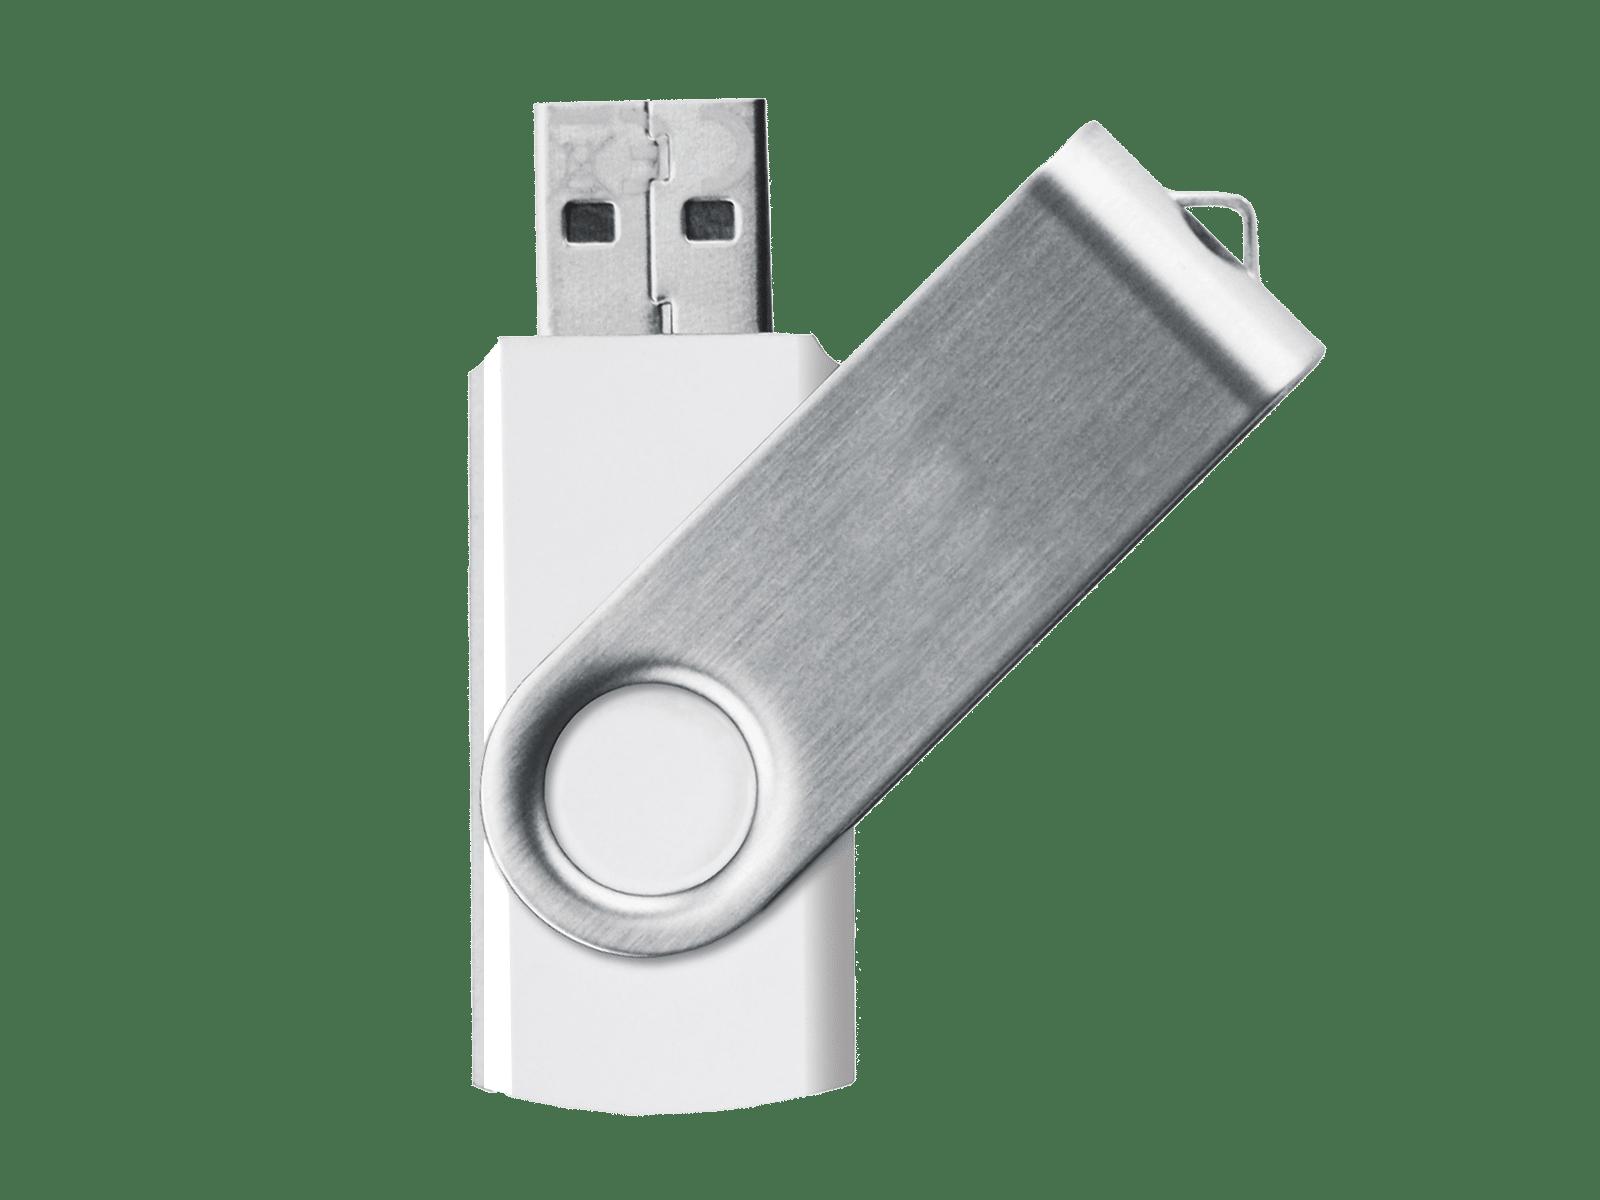 Clé USB Publicitaire pas chère